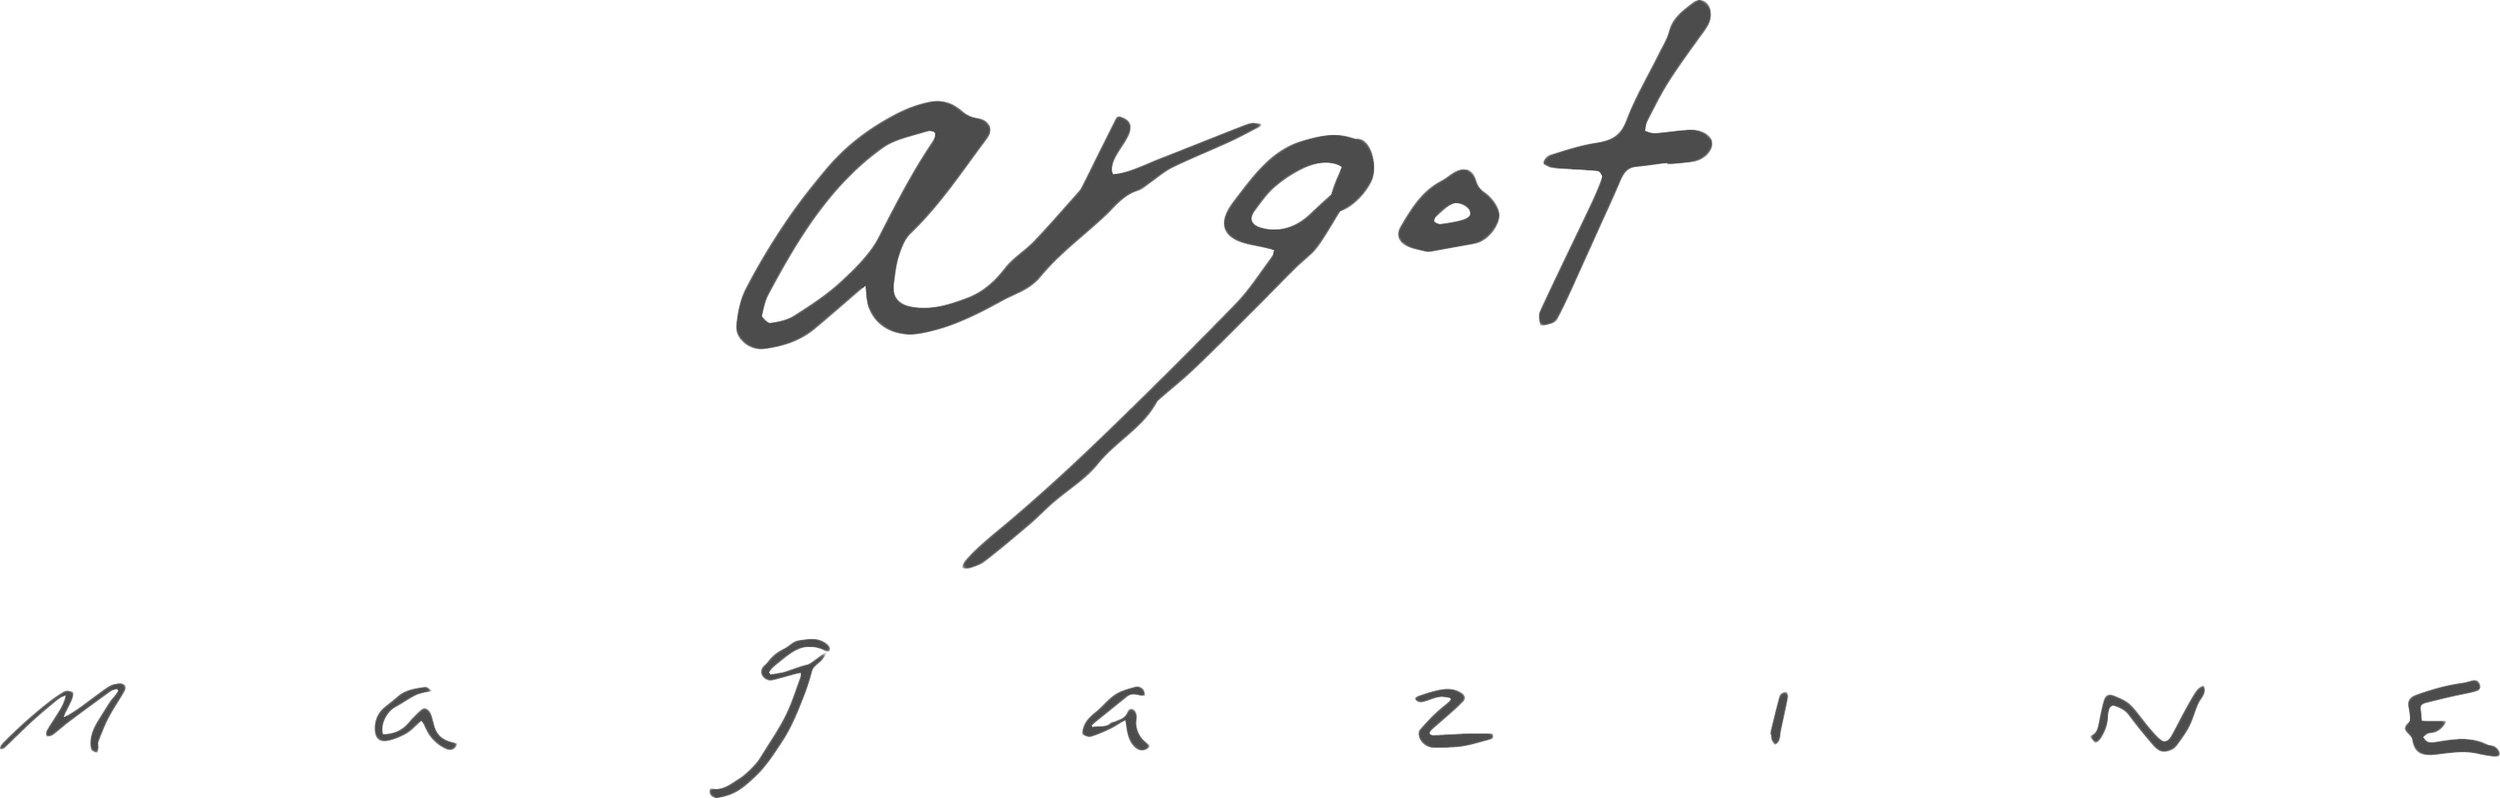 Argot Logo final.jpg